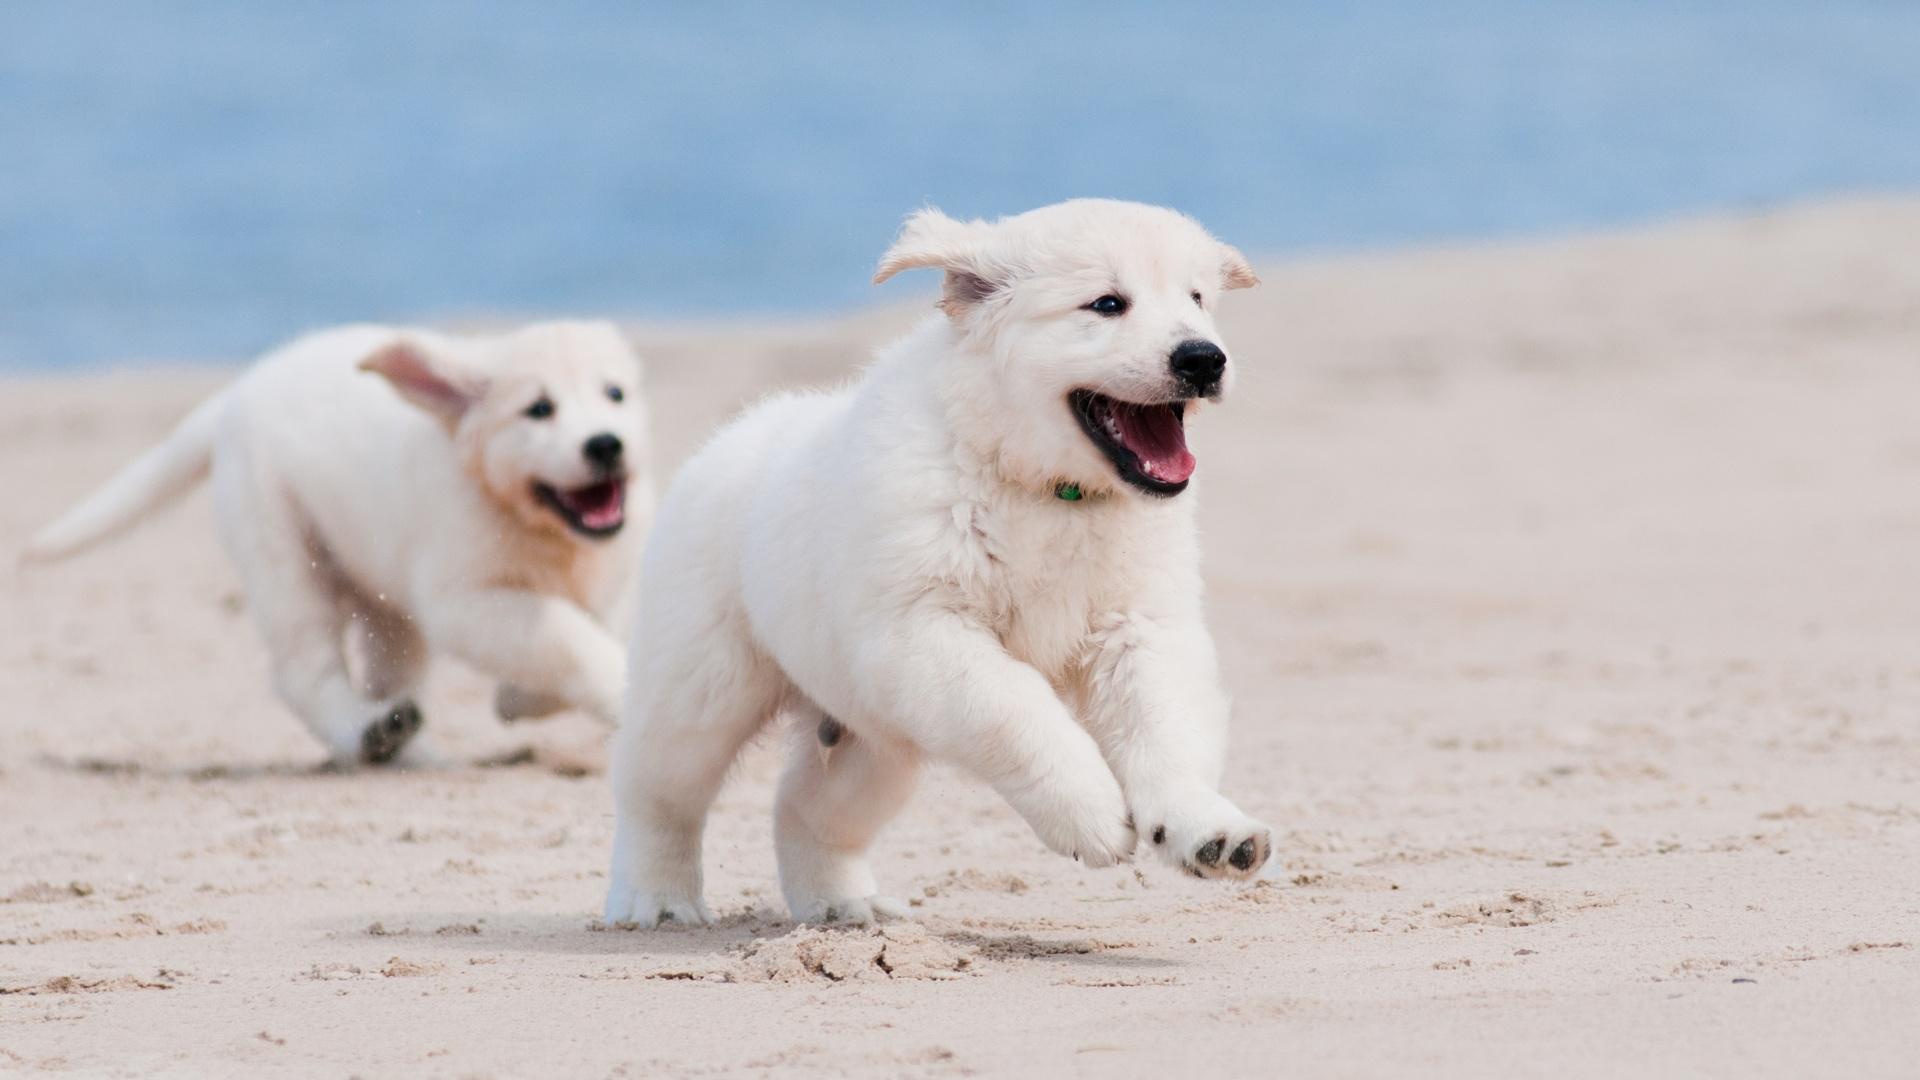 世上有两种狗!狗狗乖乖喝水同伴却狂飞奔